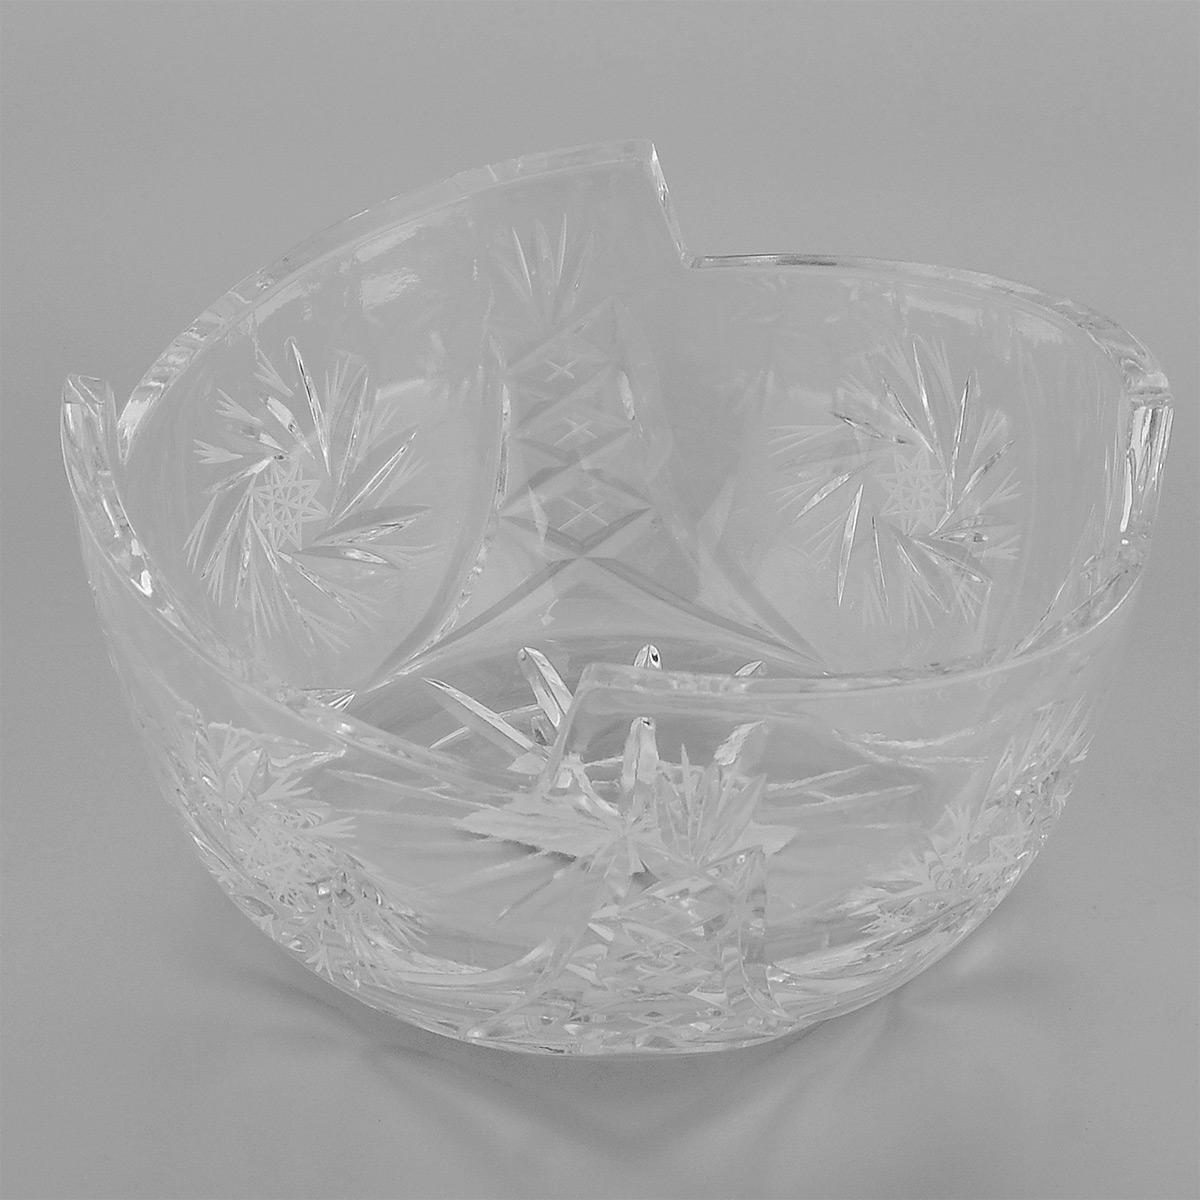 Салатник Neman, диаметр 18,7 см. 10026(900/125)-210026(900/125)-2Салатник Neman, выполненный из прочного высококачественного свинцового хрусталя, имеет круглую форму с заостренными краями и декорирован рельефным узором. Изделие излучает приятный блеск и издает мелодичный звон. Салатник сочетает в себе изысканный дизайн с максимальной функциональностью. Он прекрасно впишется в интерьер вашей кухни и станет достойным дополнением к кухонному инвентарю. Салатник не только украсит ваш кухонный стол и подчеркнет прекрасный вкус хозяйки, но и станет отличным подарком. Нельзя мыть в посудомоечной машине и использовать в микроволновой печи. Диаметр (по верхнему краю): 18,7 см. Диаметр основания: 11,5 см. Высота салатника: 9,5 см.